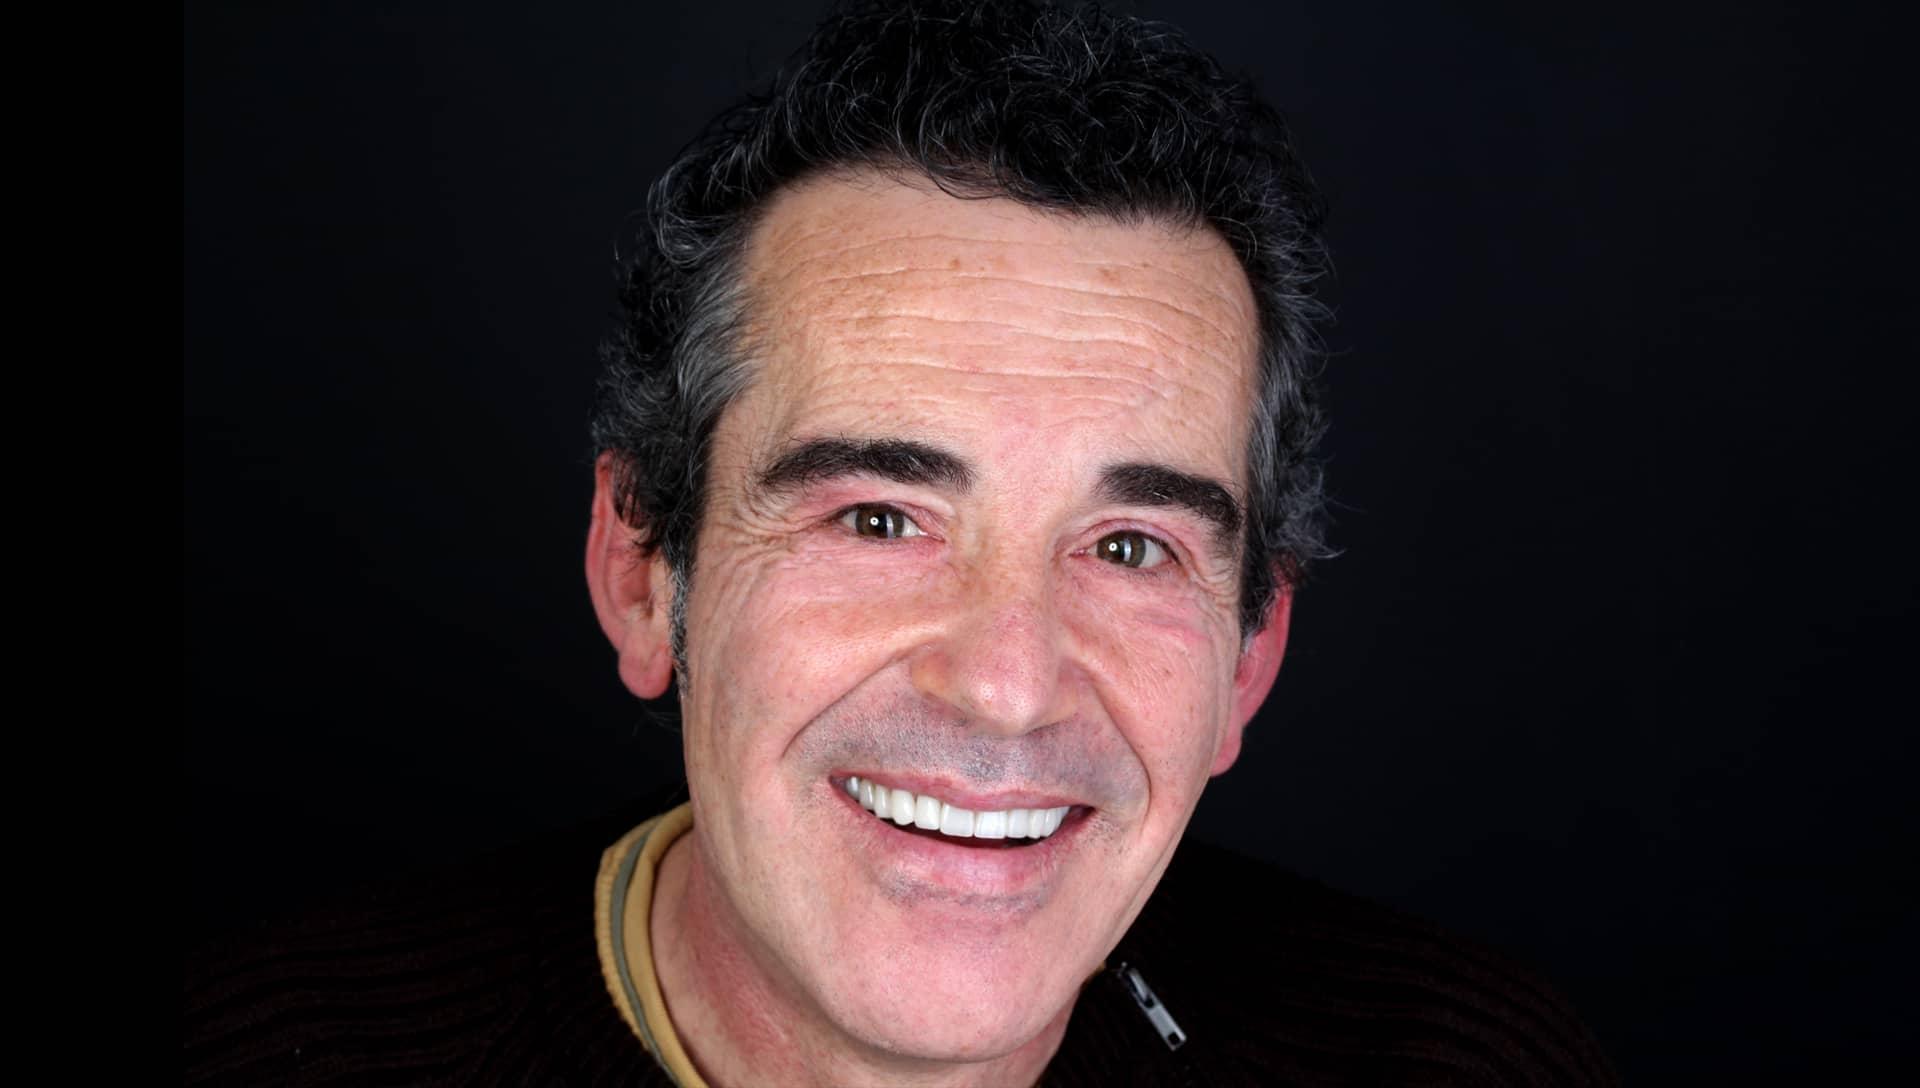 Jose Luis después del tratamiento de estética dental y prótesis dentales